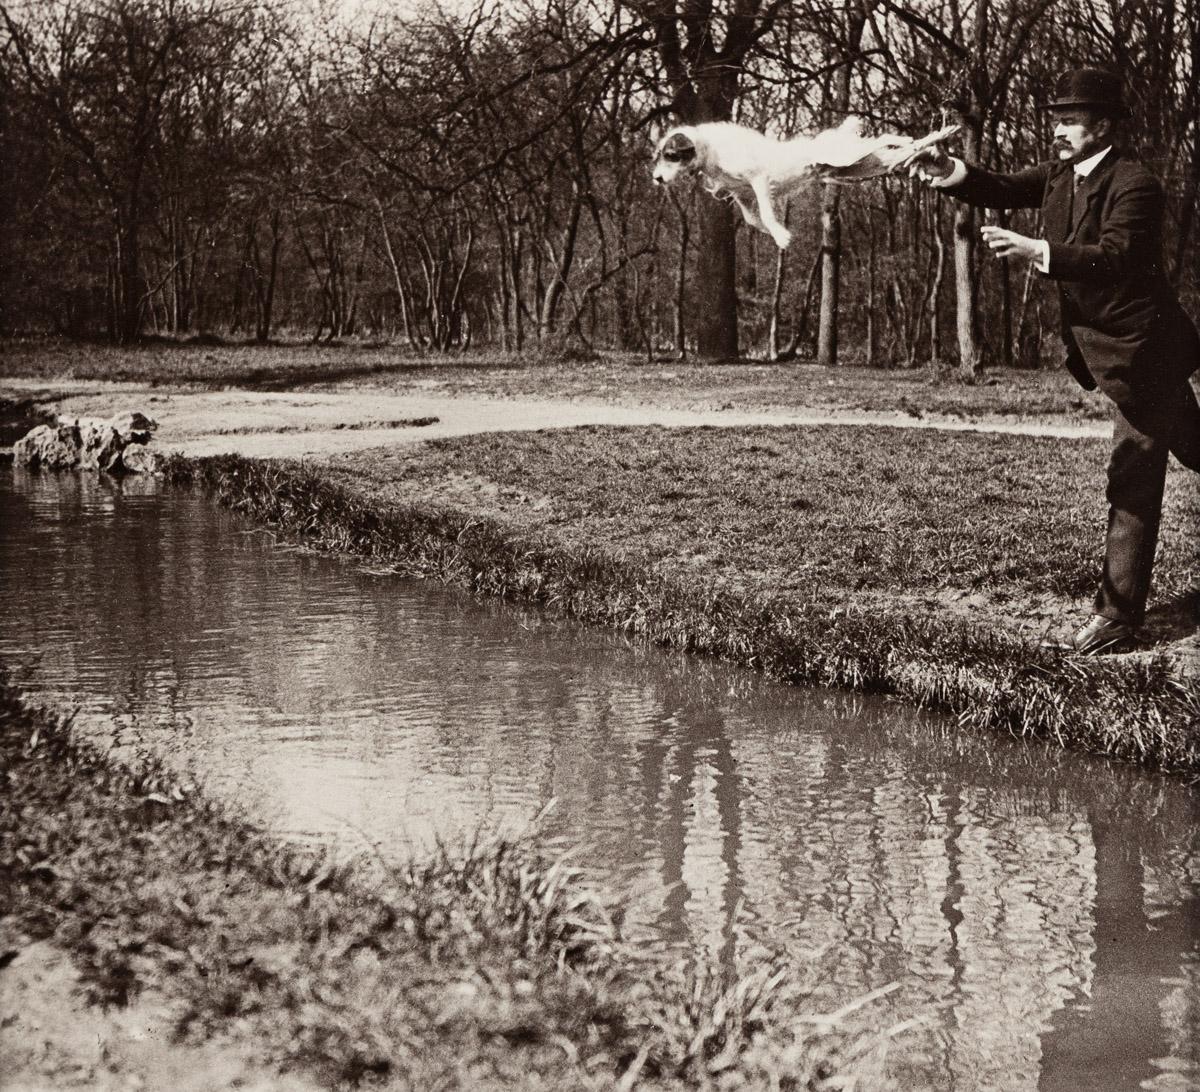 JACQUES-HENRI LARTIGUE (1894-1986) M. Folletête (Plitt) and Tupy.